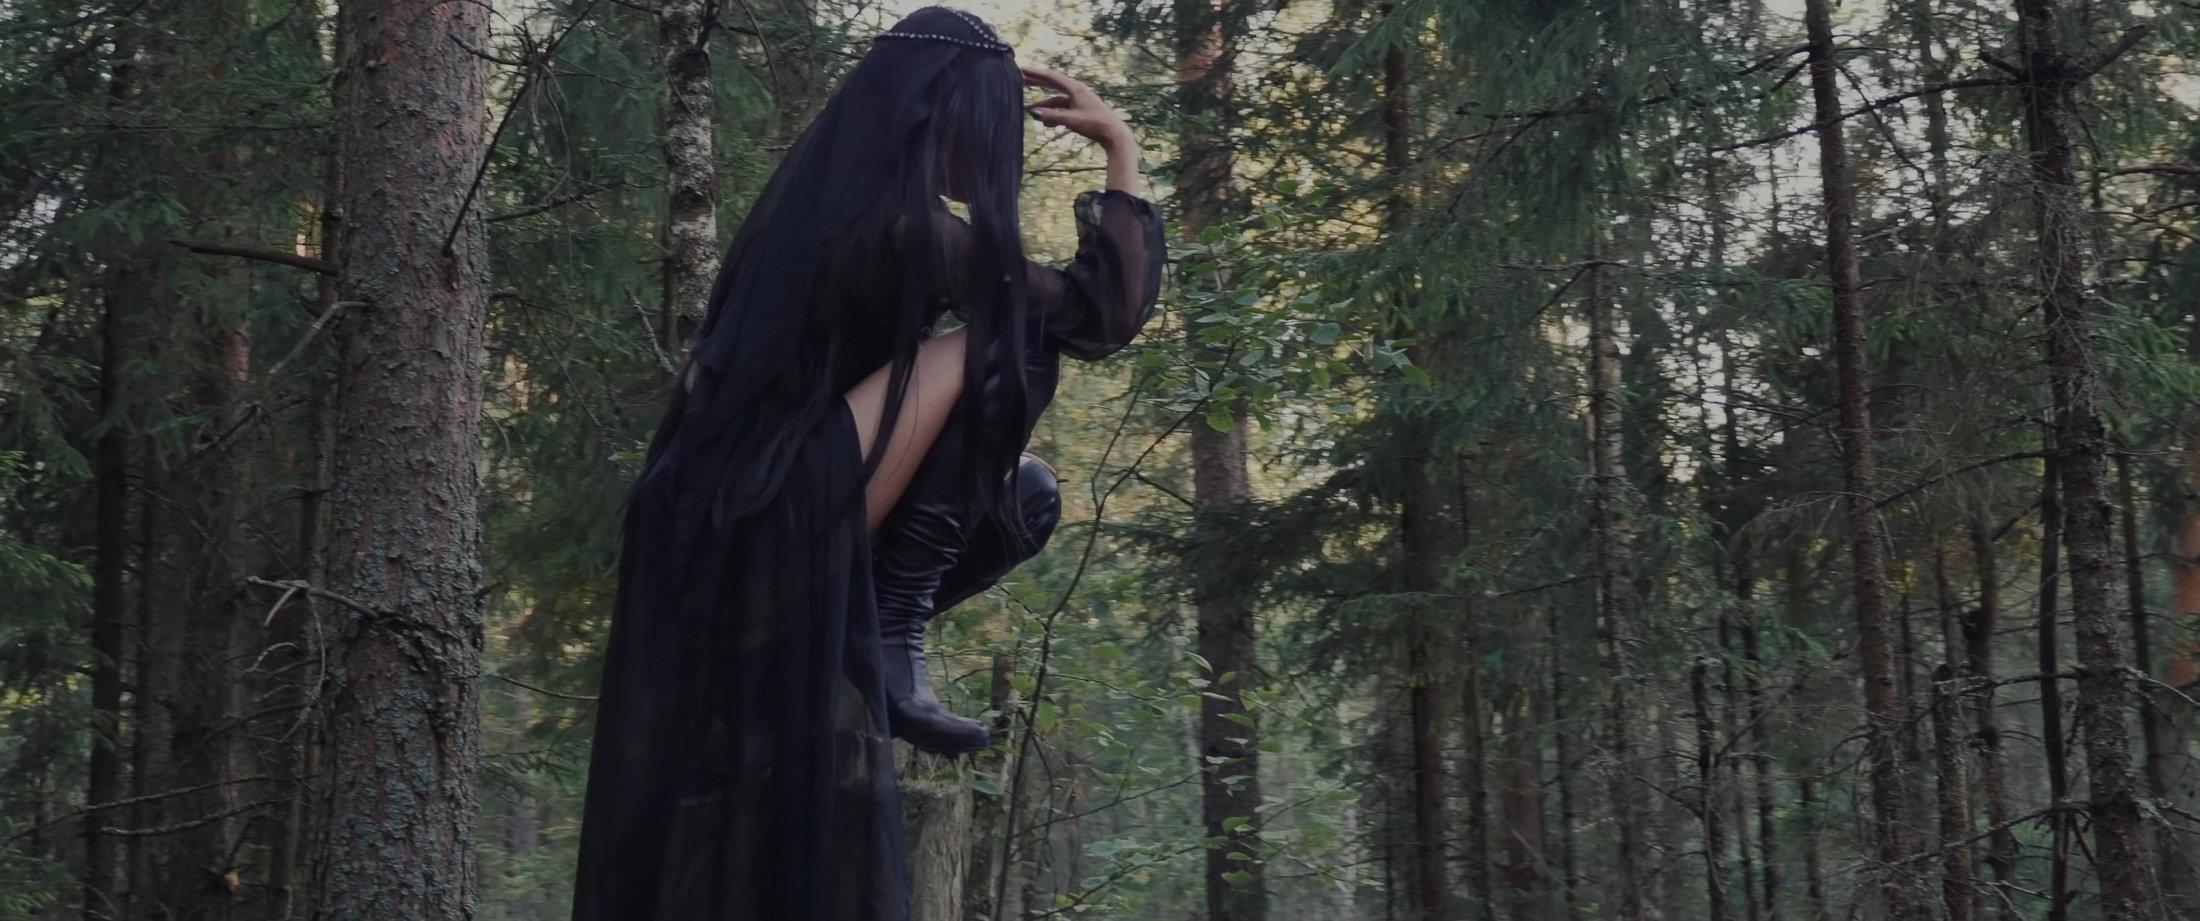 OMNIMAR - Feels Like Velvet (Official Video) 0-17 Screenshot